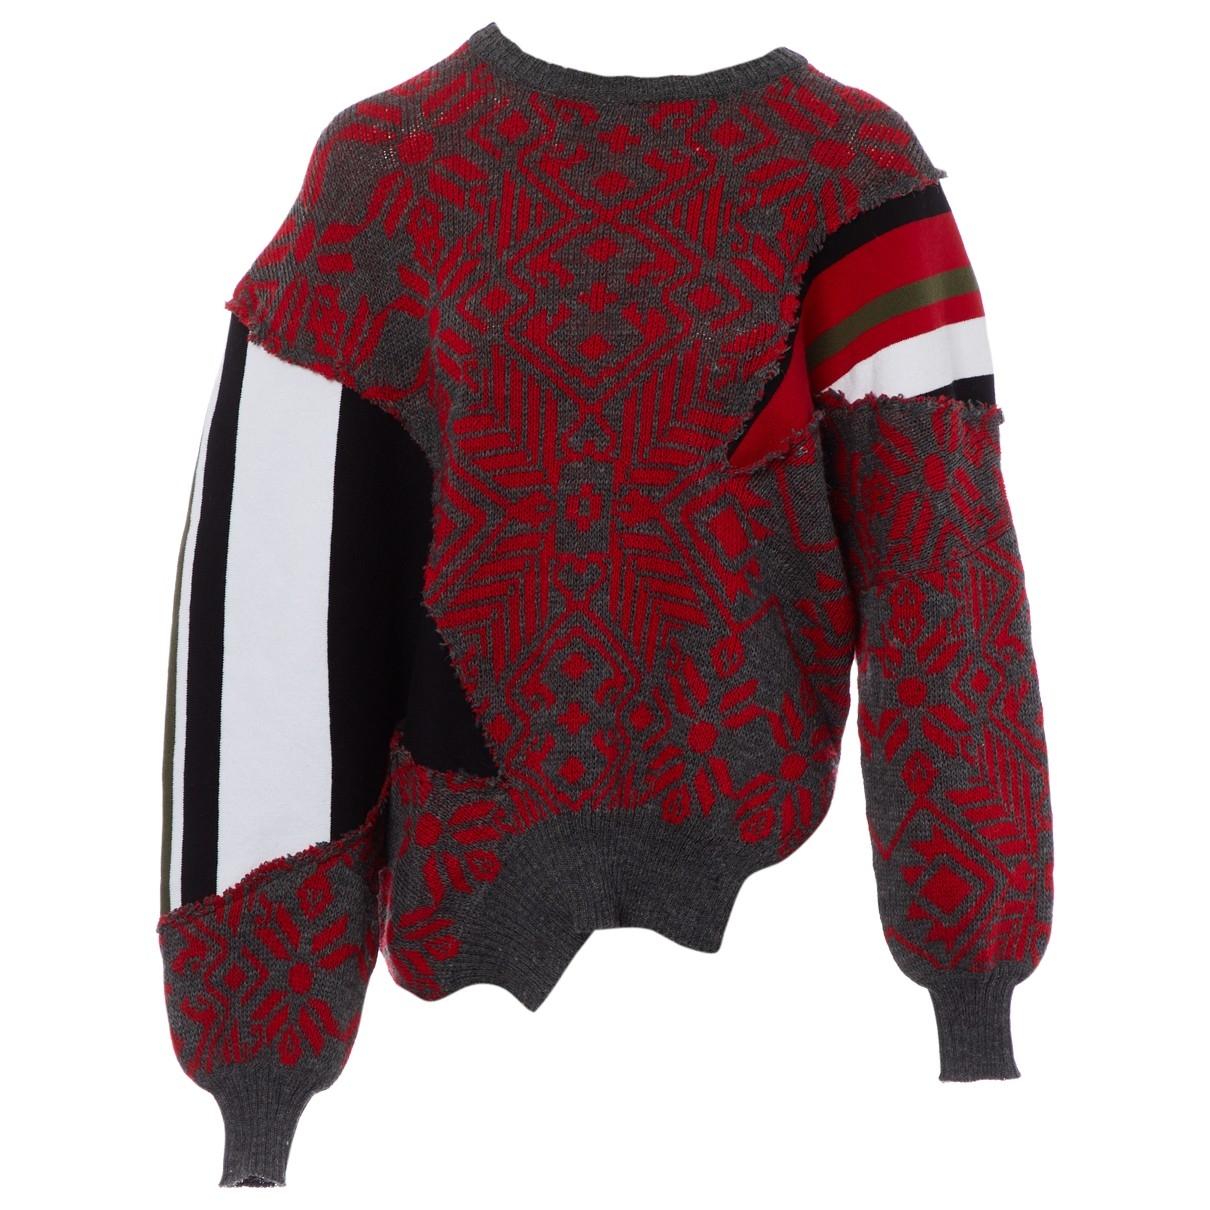 Preen - Pull   pour femme en laine - multicolore